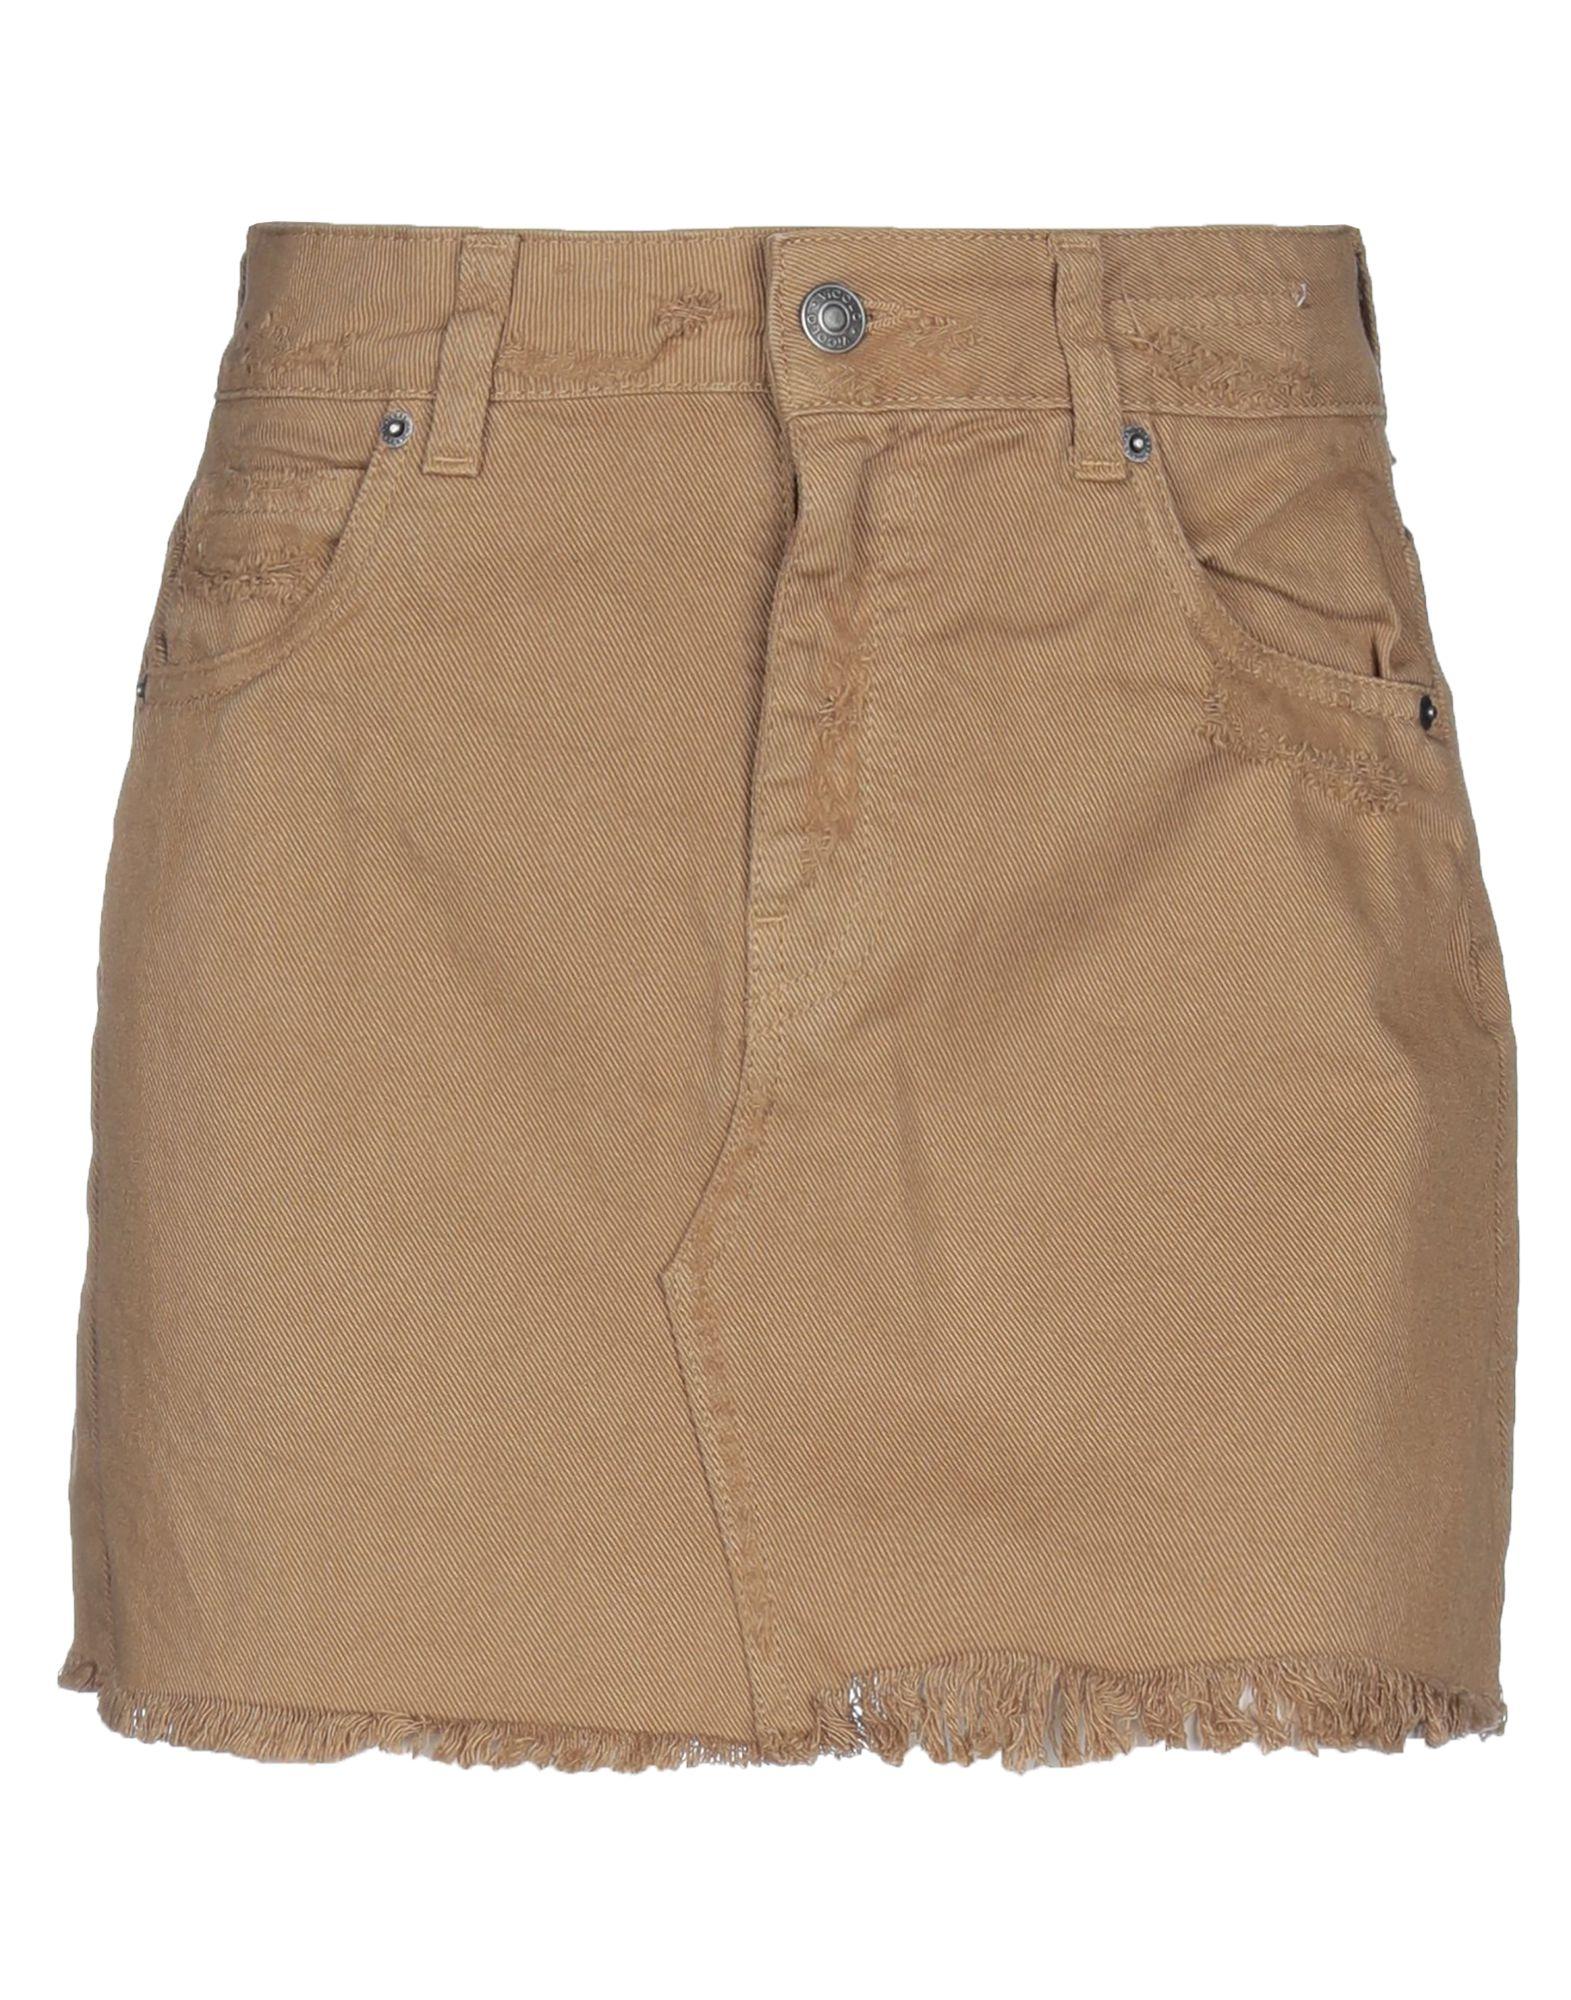 VICOLO Джинсовая юбка юбка джинсовая с нагрудником и лямками barkito деним голубой